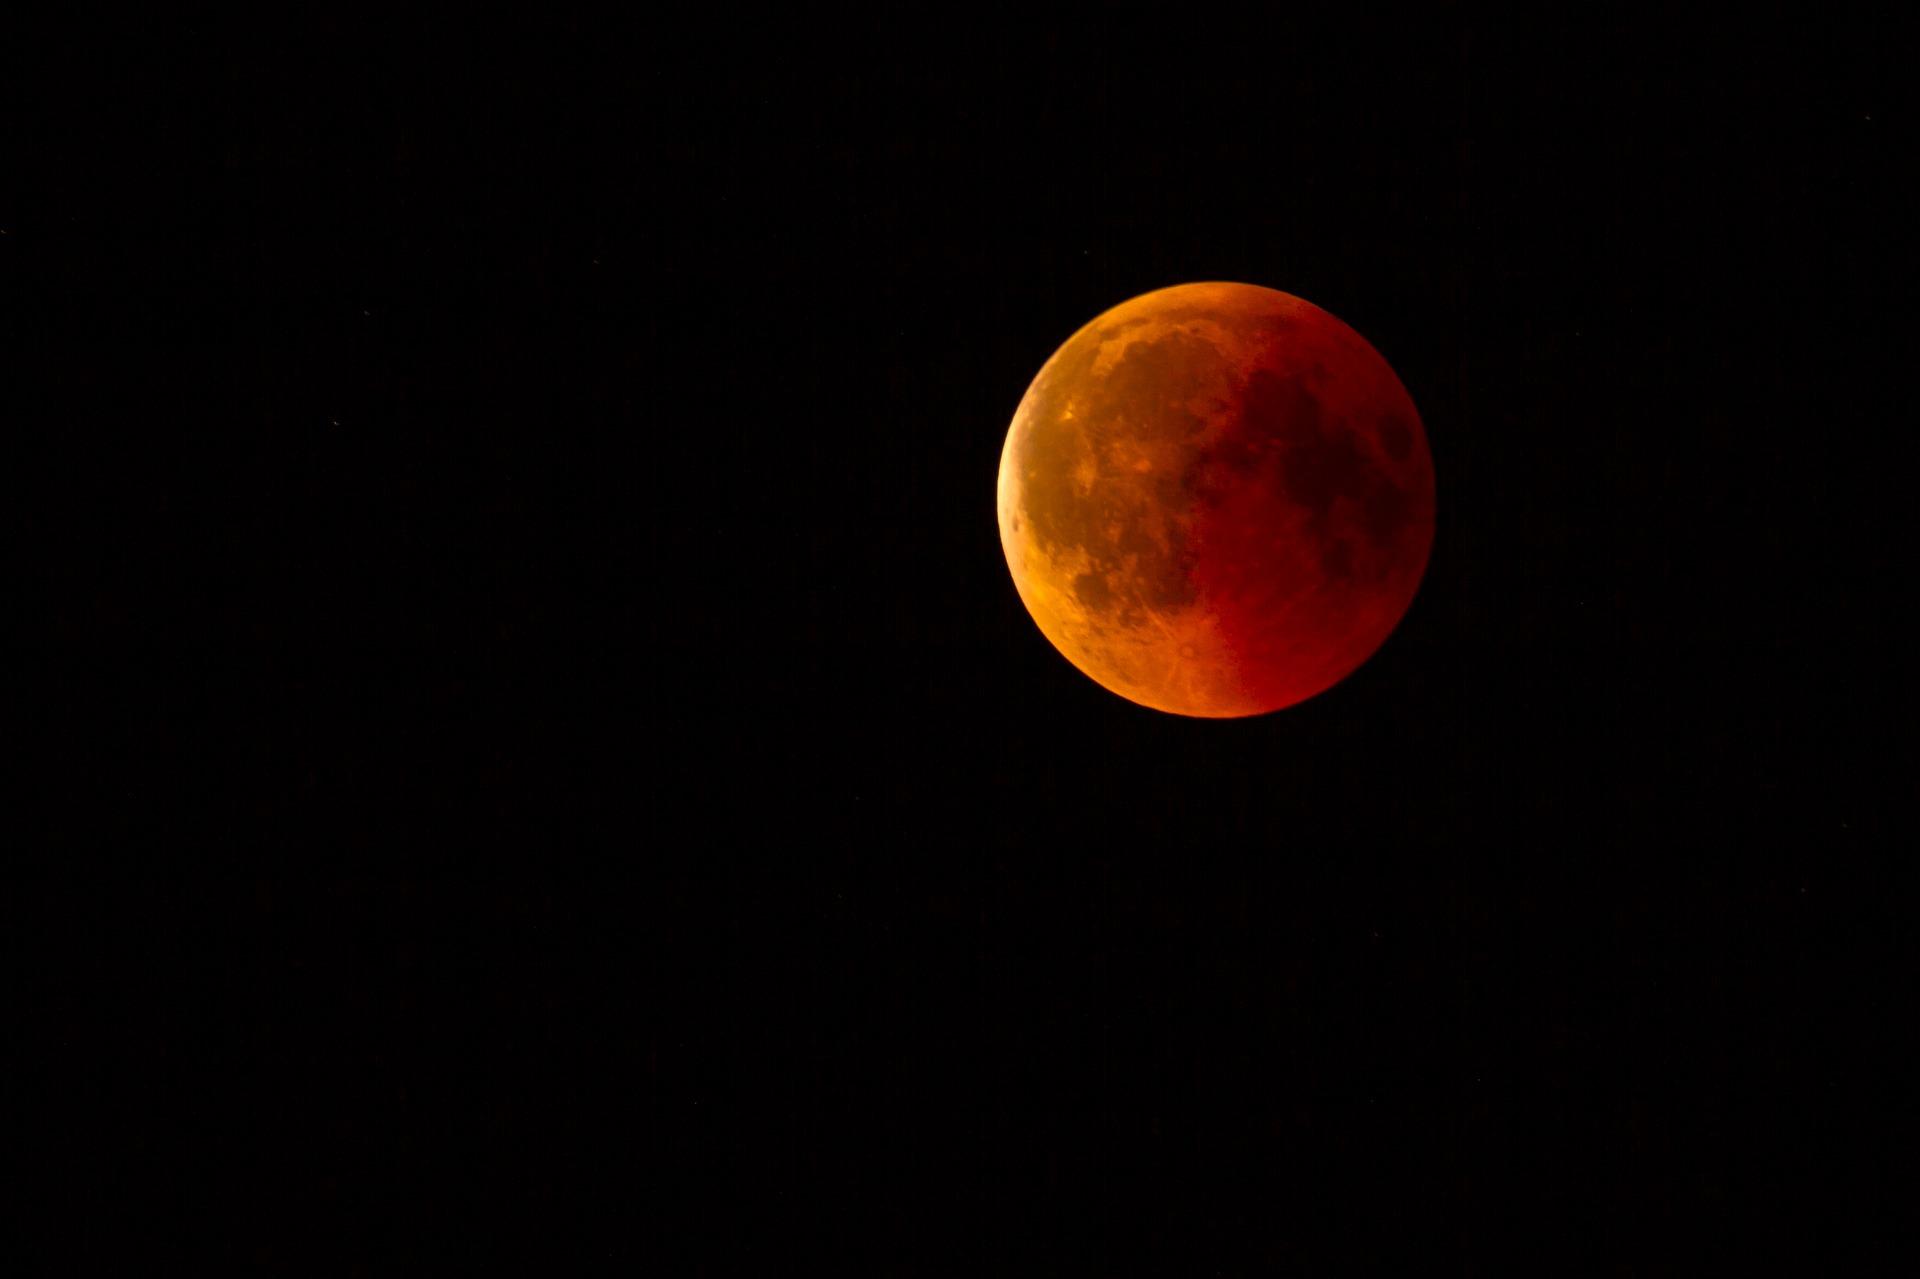 2019年7月は「部分日食」新月が与える影響とは?